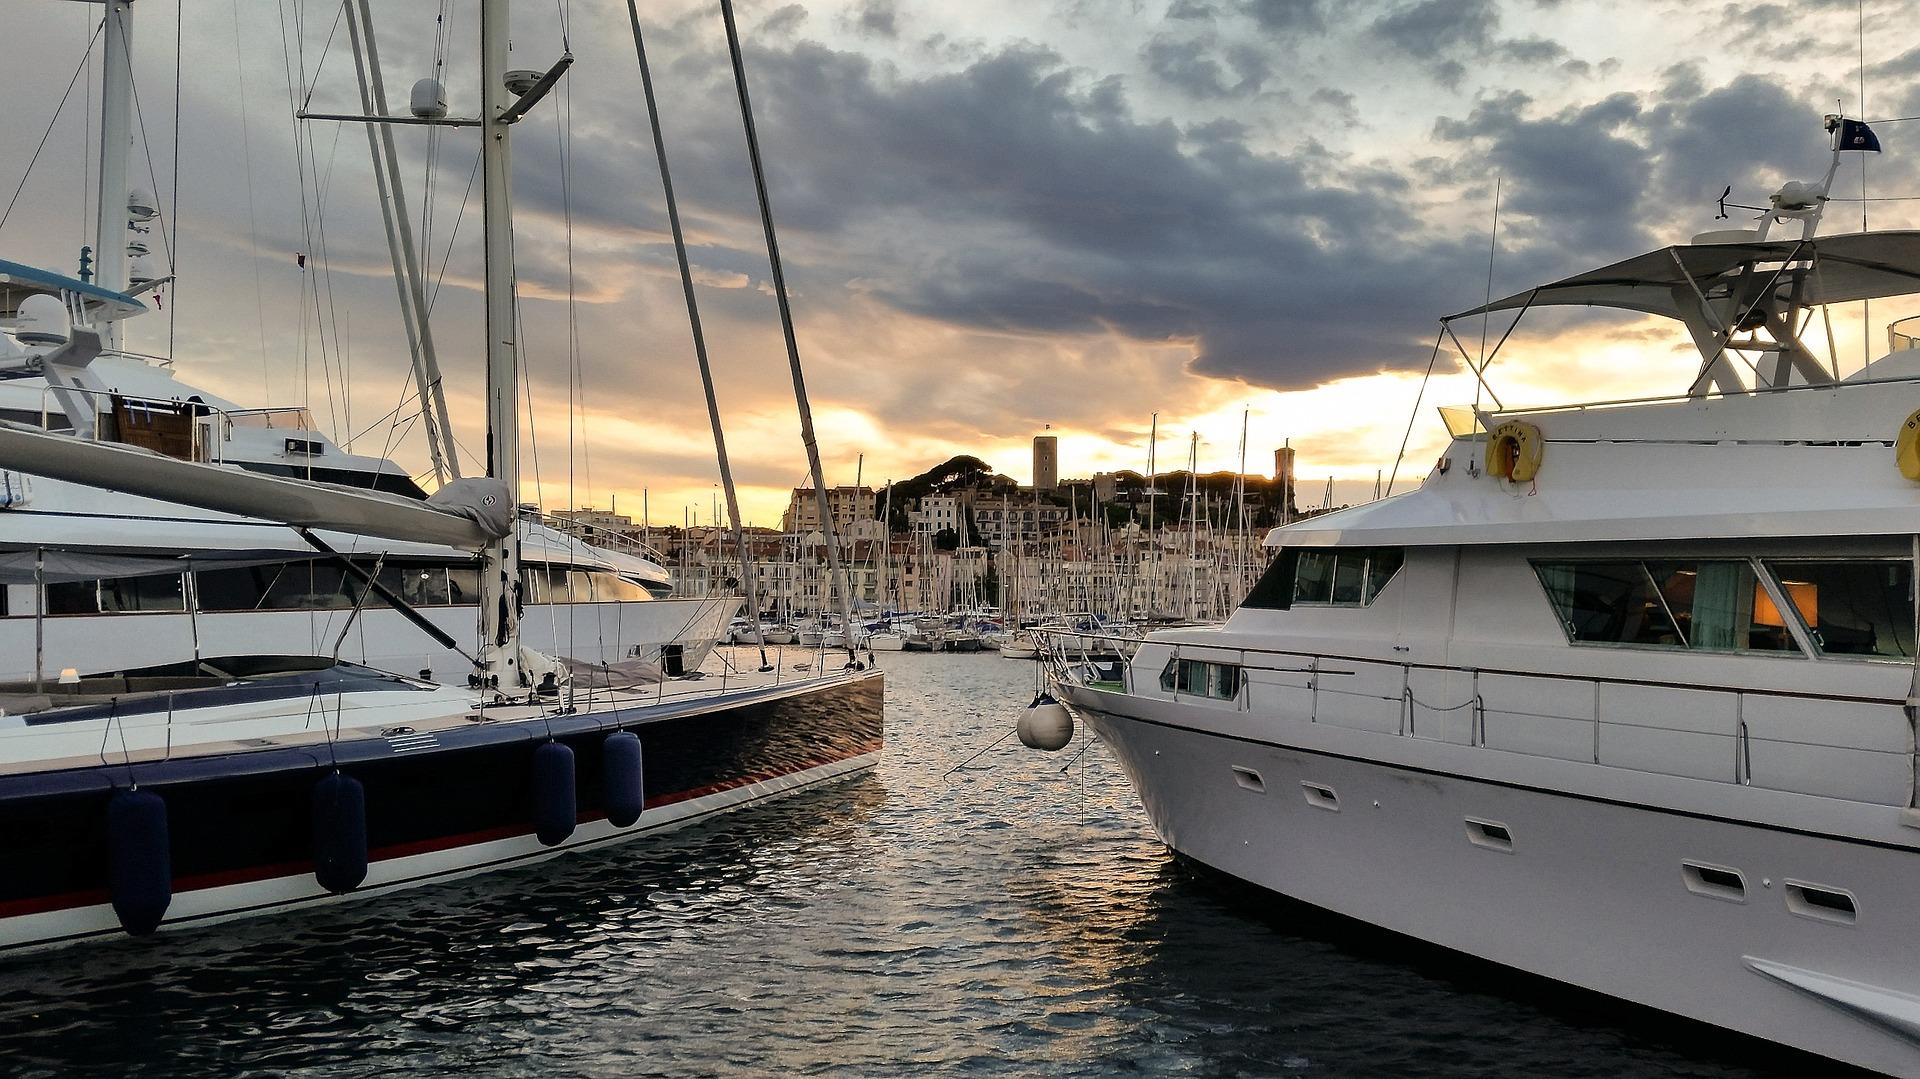 Vente d'un portefeuille de gestion locative à Cannes (06)